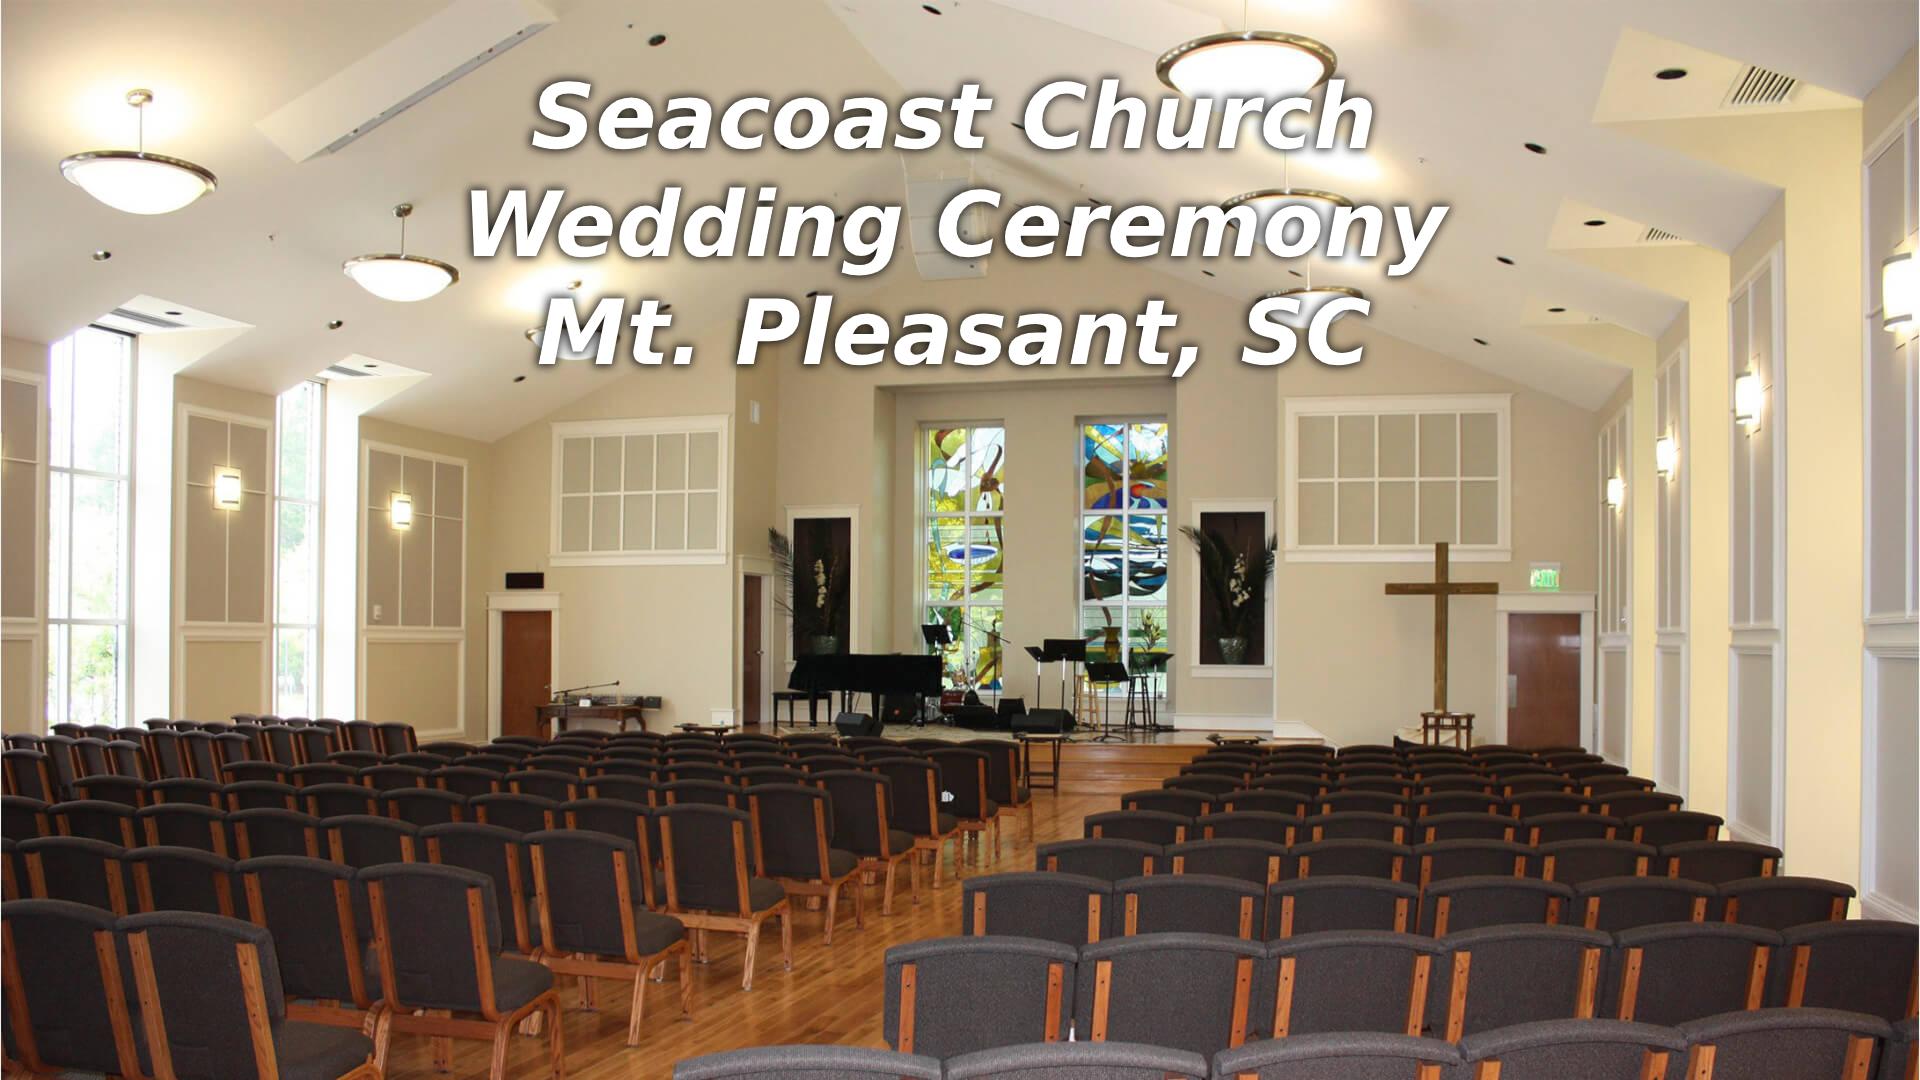 Seacoast Chapel Wedding Ceremony